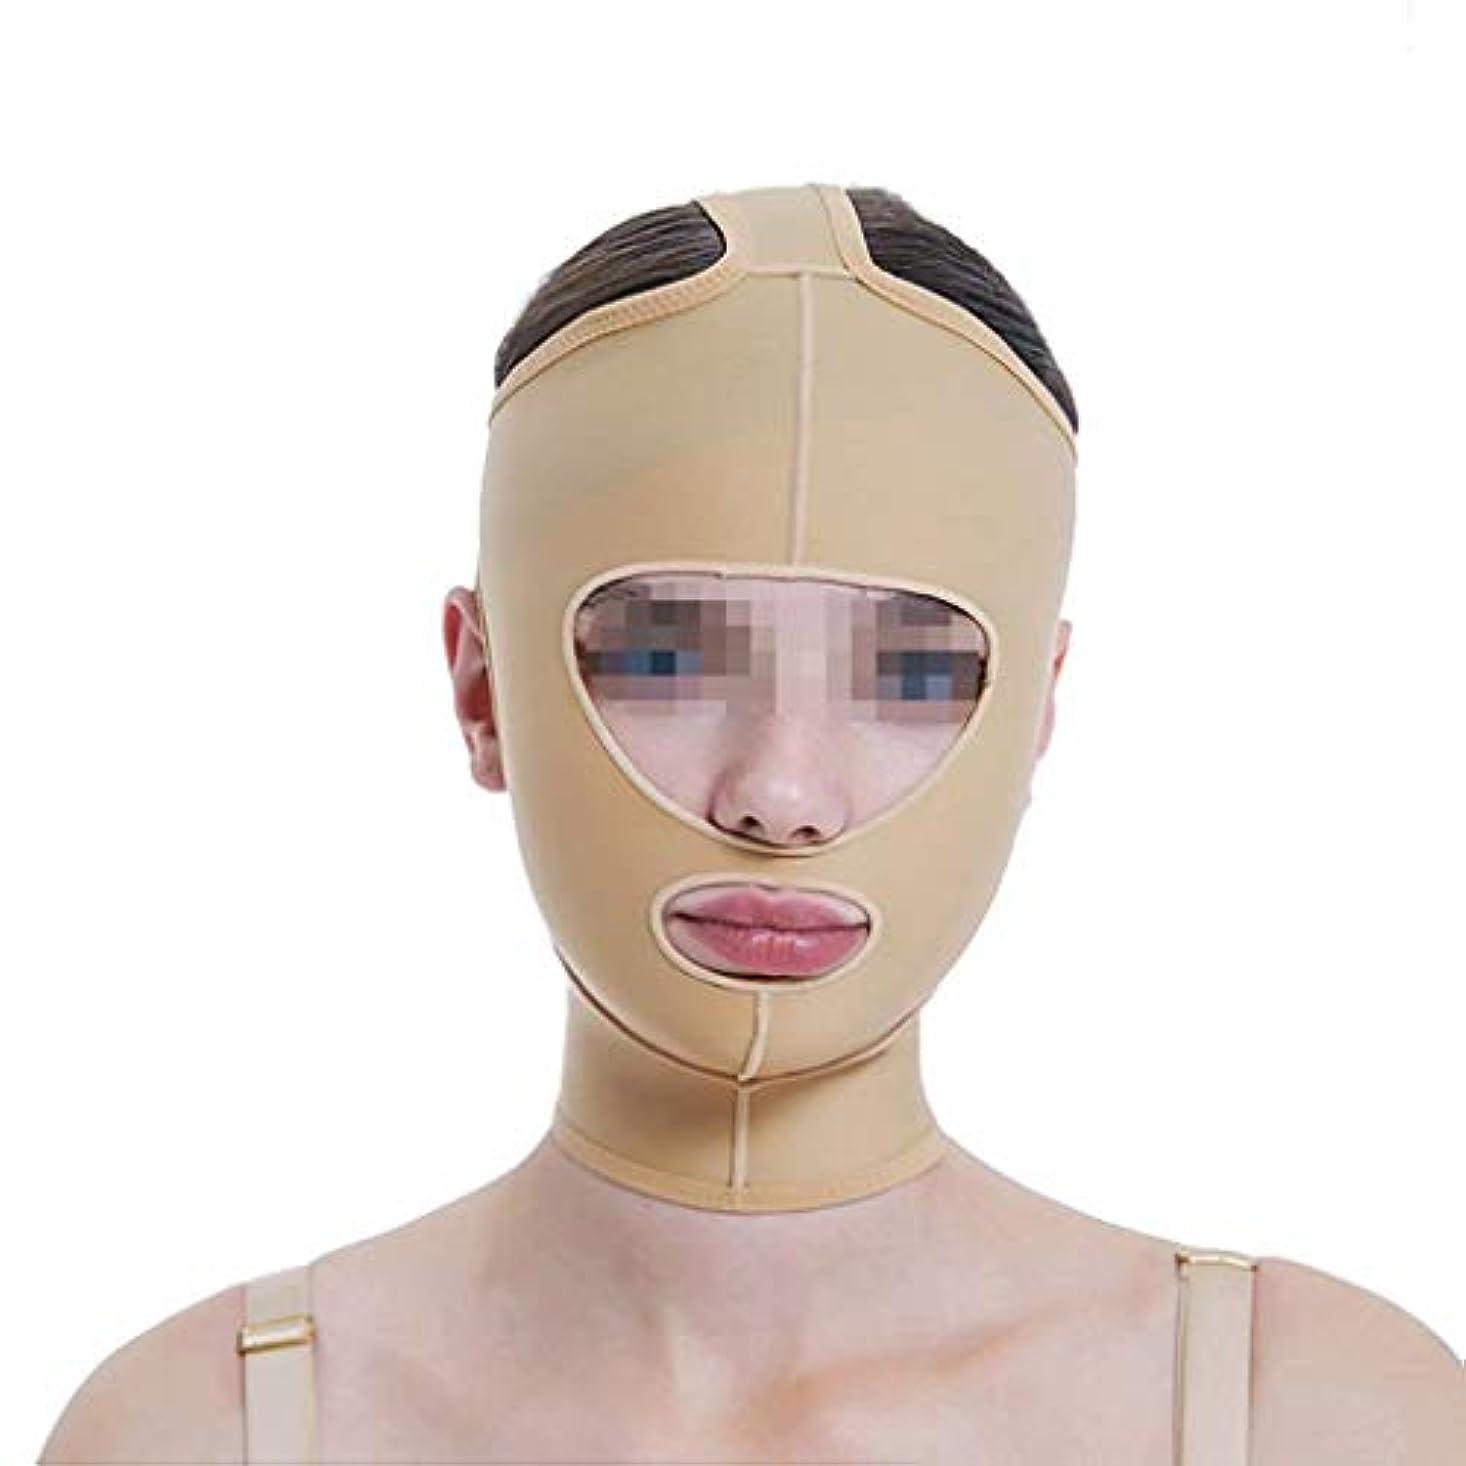 ファウルすぐにハッピーフェイスリフトマスク、ラインカービングフェイスエラスティックセットシンダブルチンVフェイスビームフェイスマルチサイズオプション(サイズ:M)